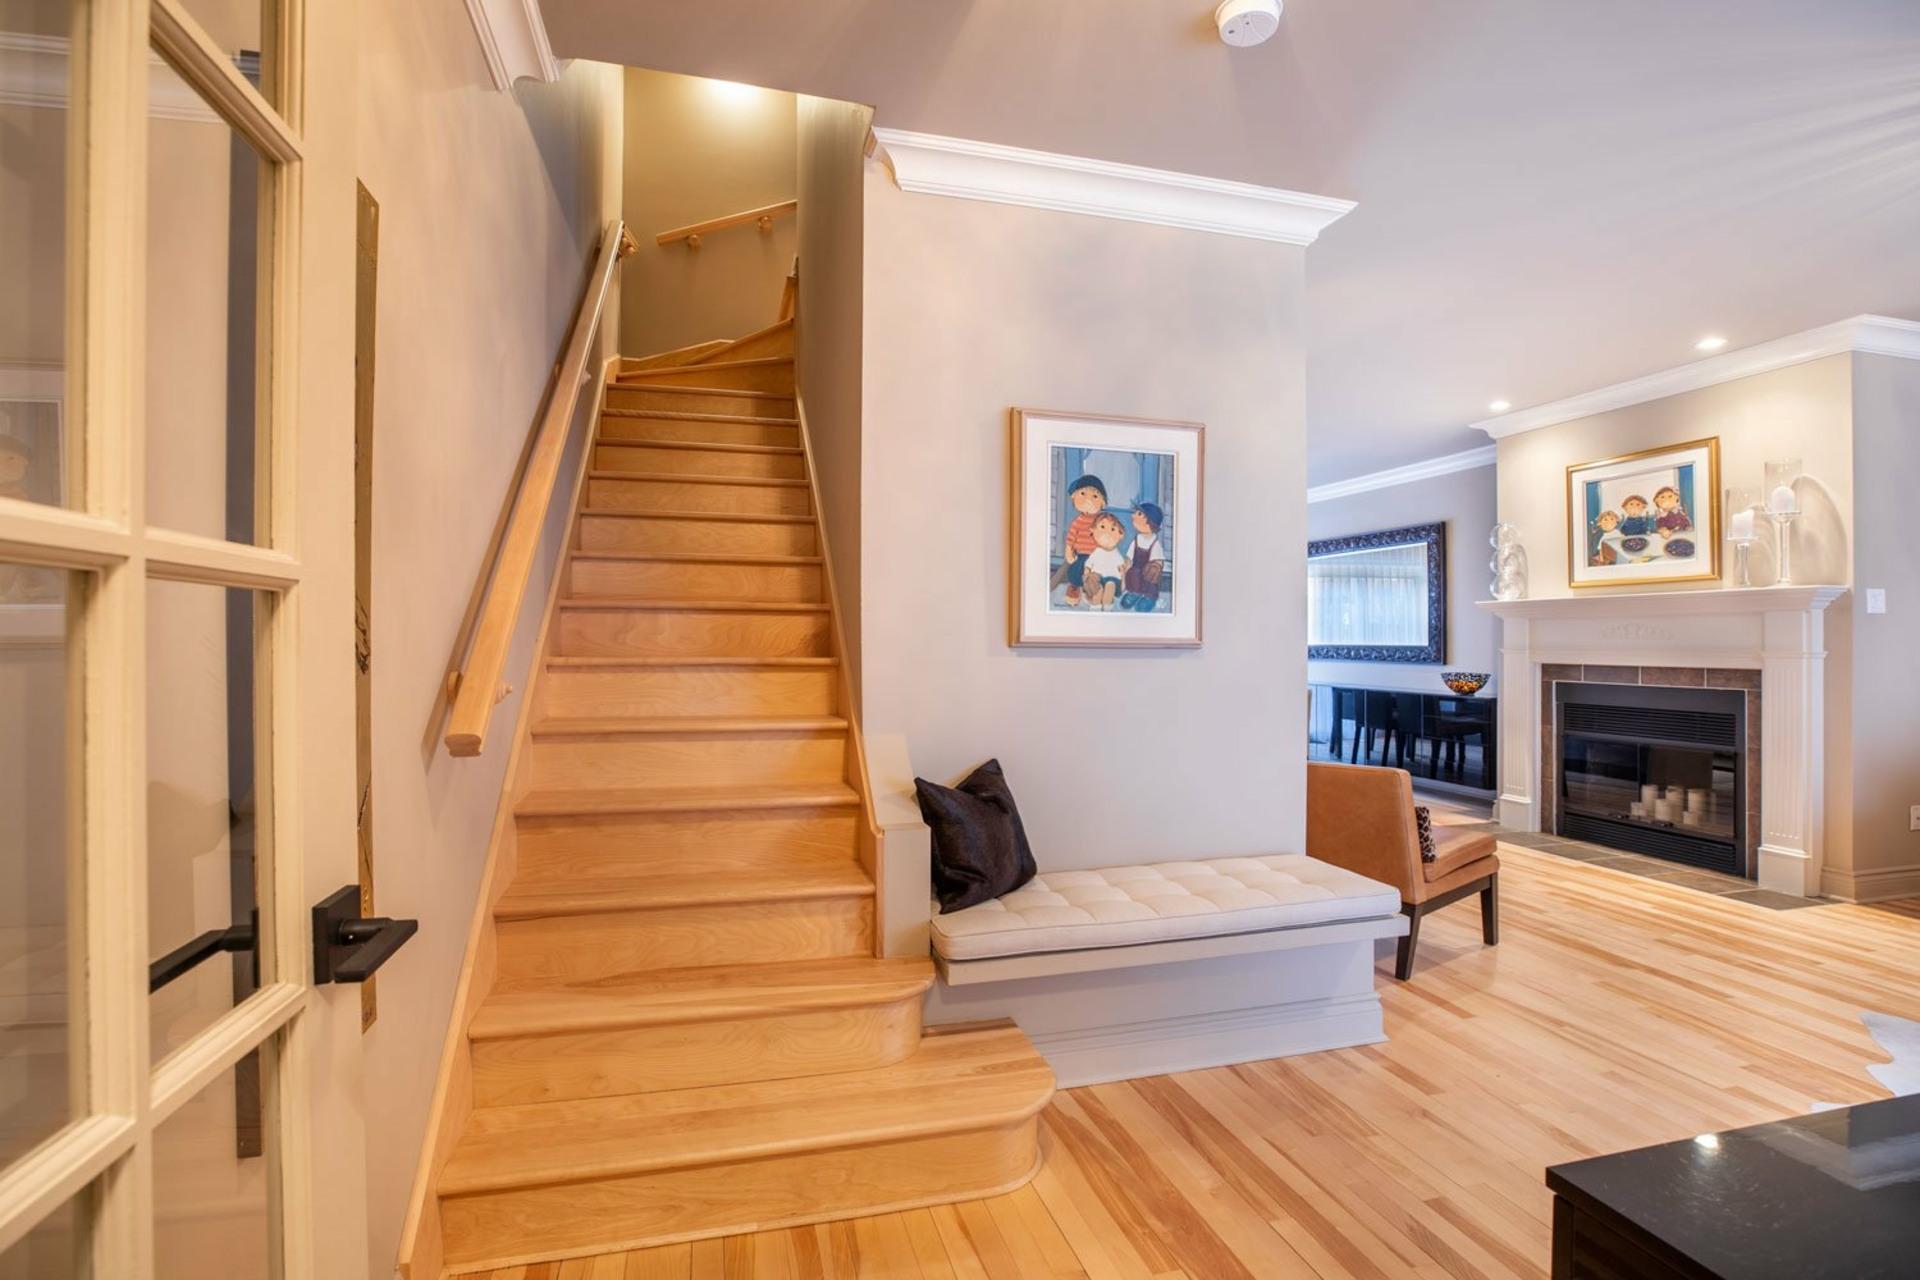 image 10 - Maison À vendre Ahuntsic-Cartierville Montréal  - 8 pièces